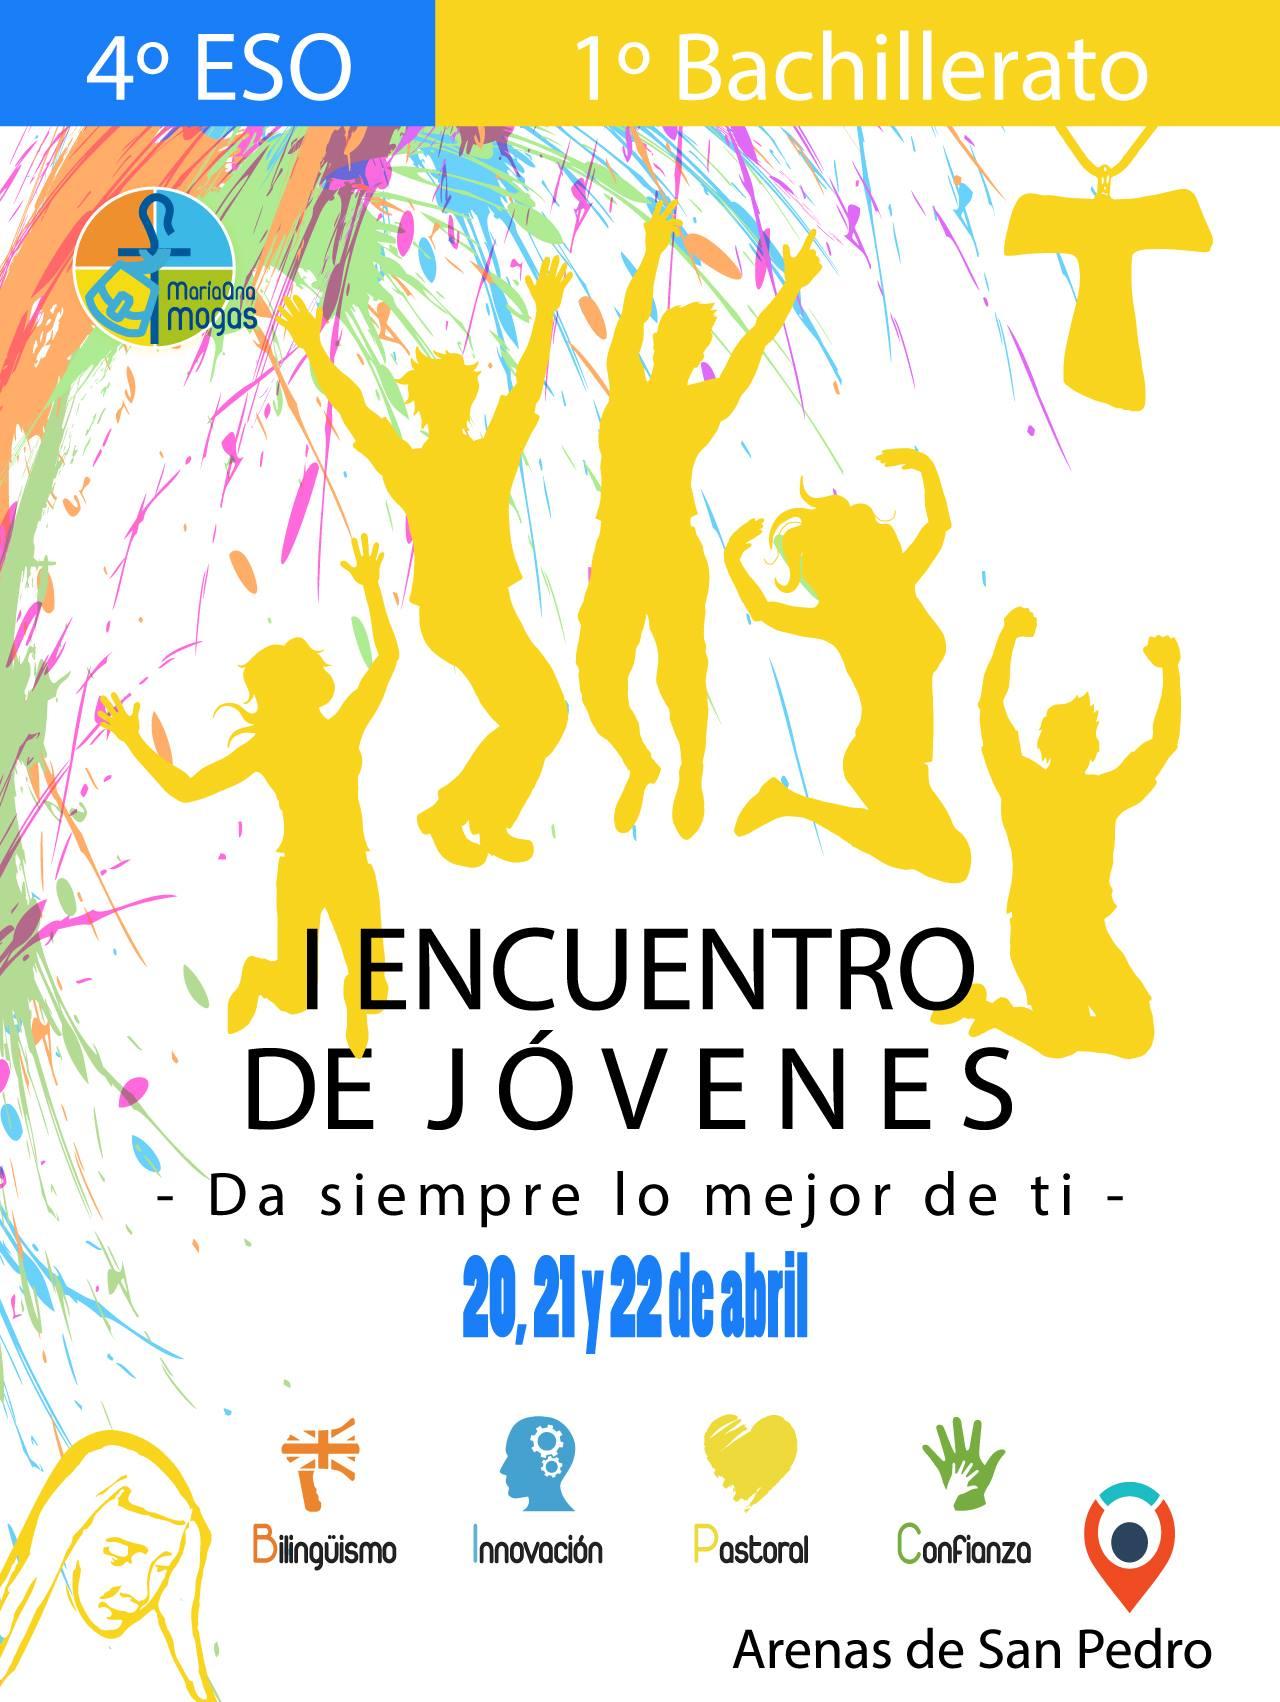 I Encuentro de Jóvenes - Colegio Divina Pastora - Arenas de San Pedro - TiétarTeVe